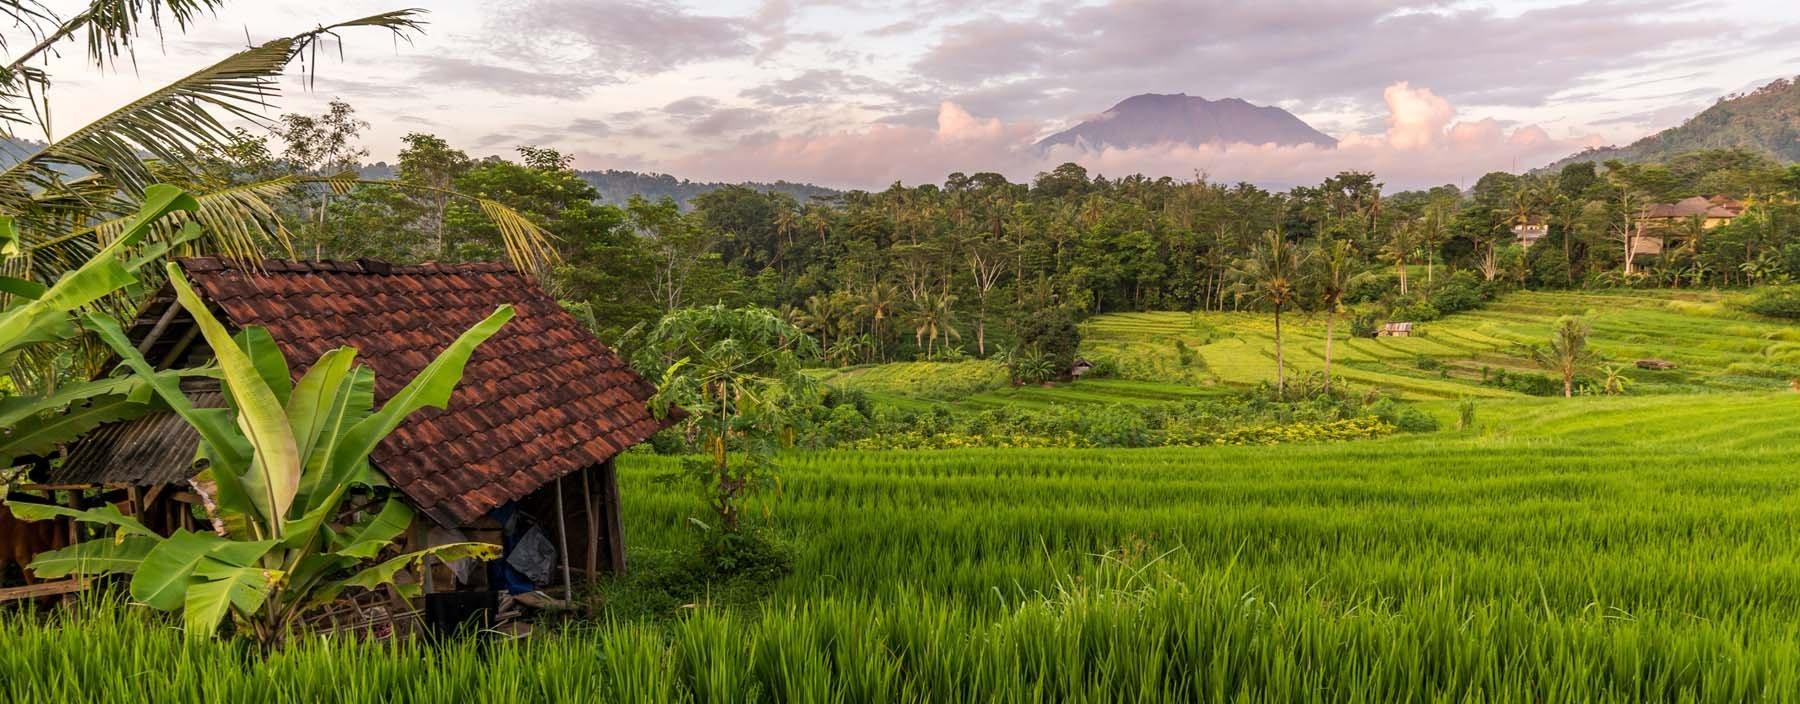 id, bali, sidemen, rijstvelden.jpg